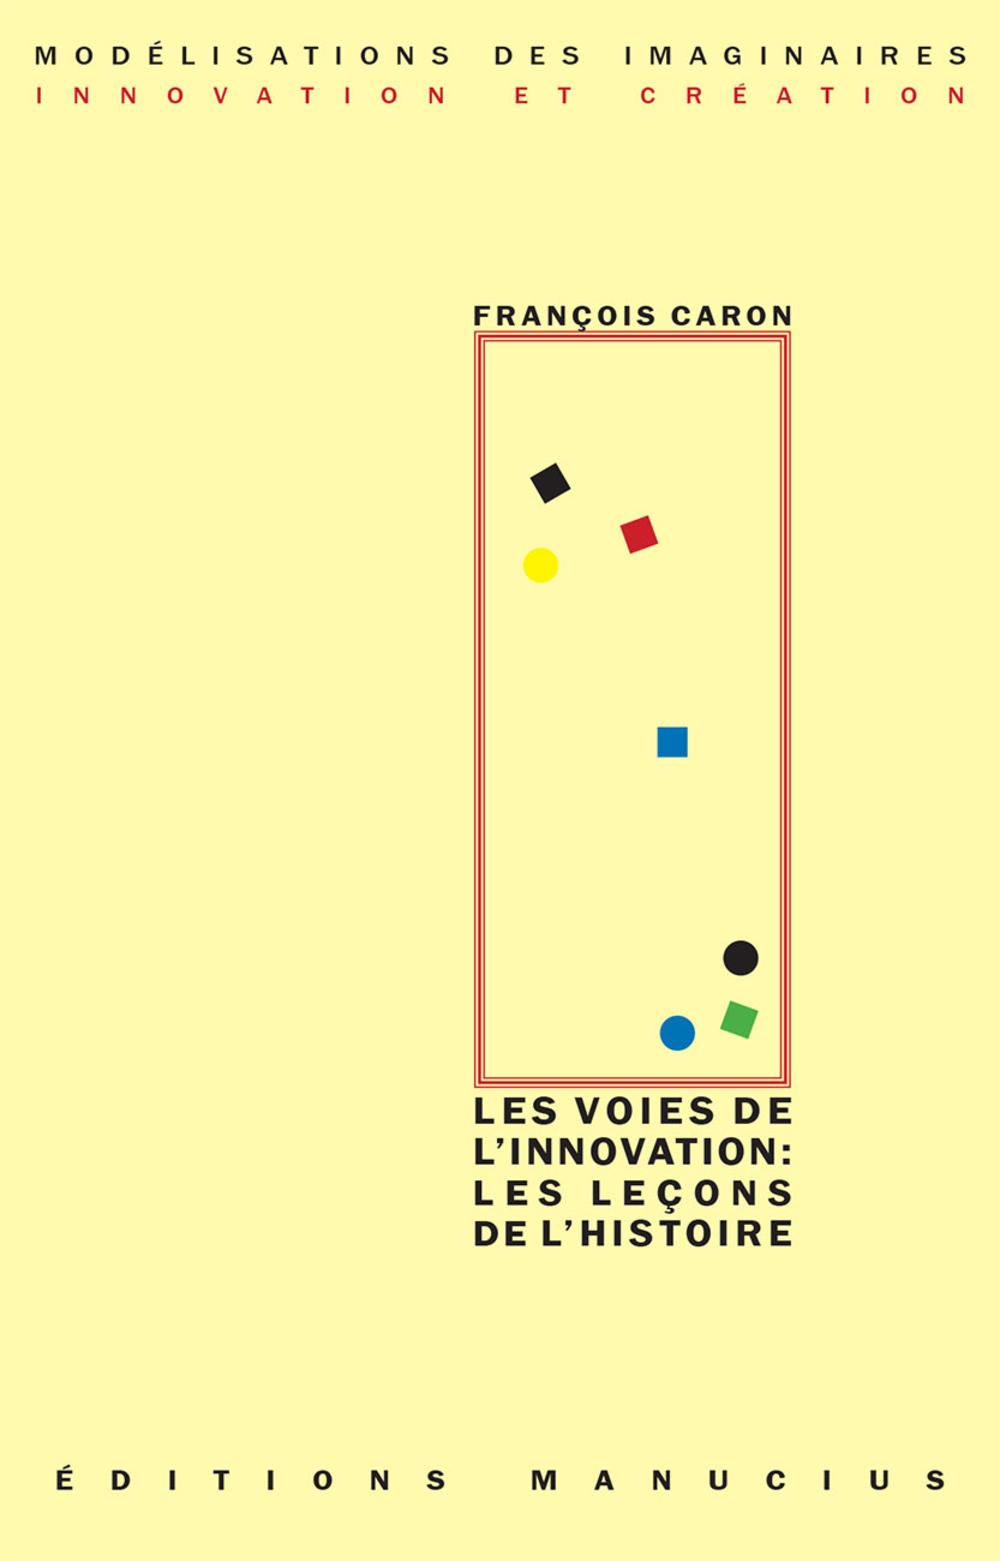 Les Voies de l'innovation : les leçons de l'Histoire